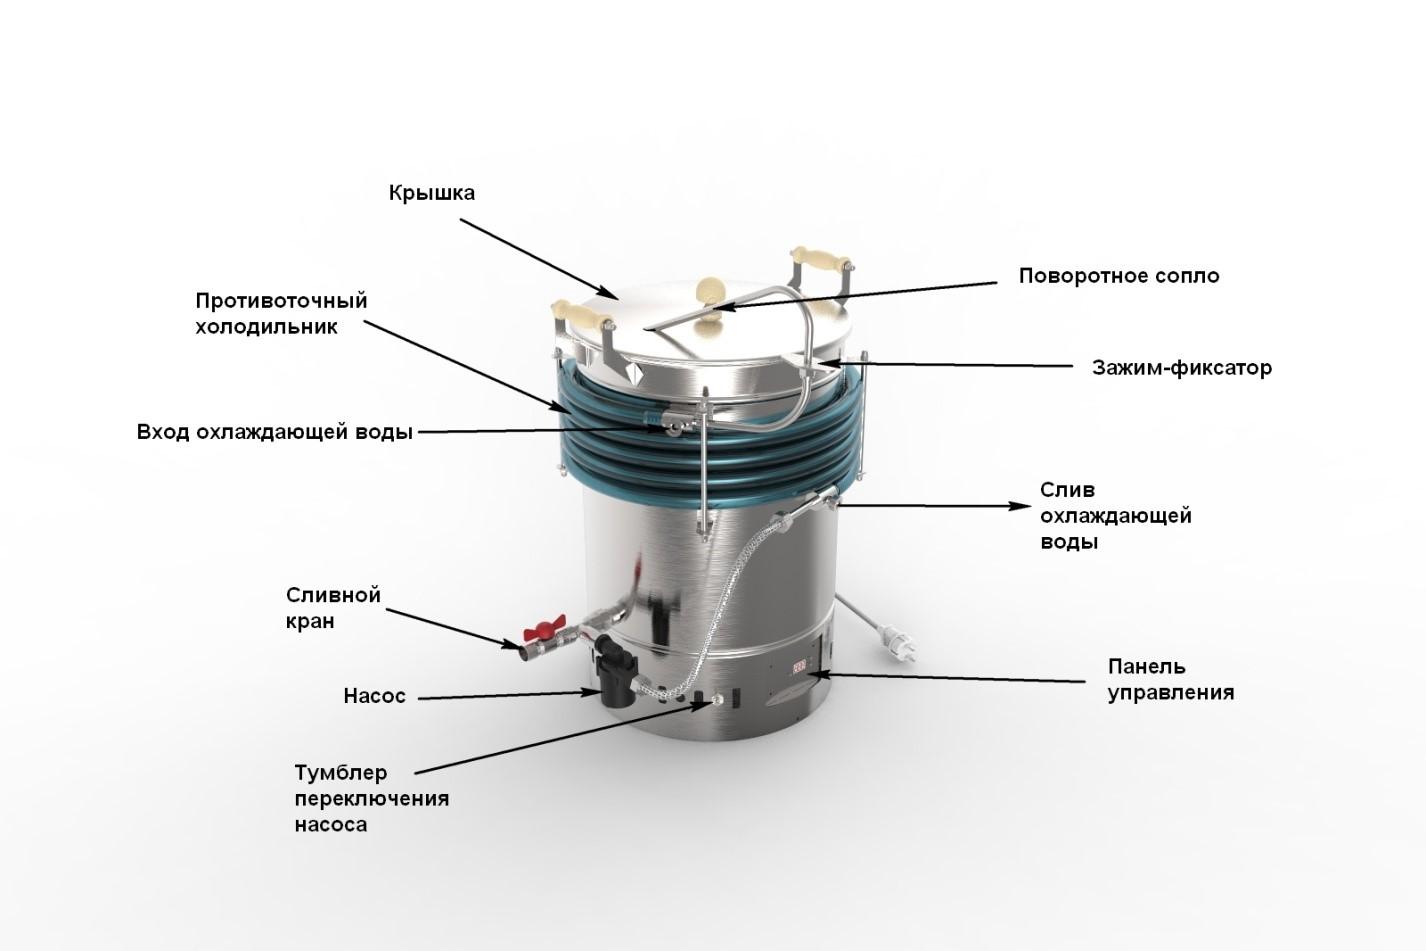 Компьютерная модель домашней пивоварни АЛКОВАР BeerMaker